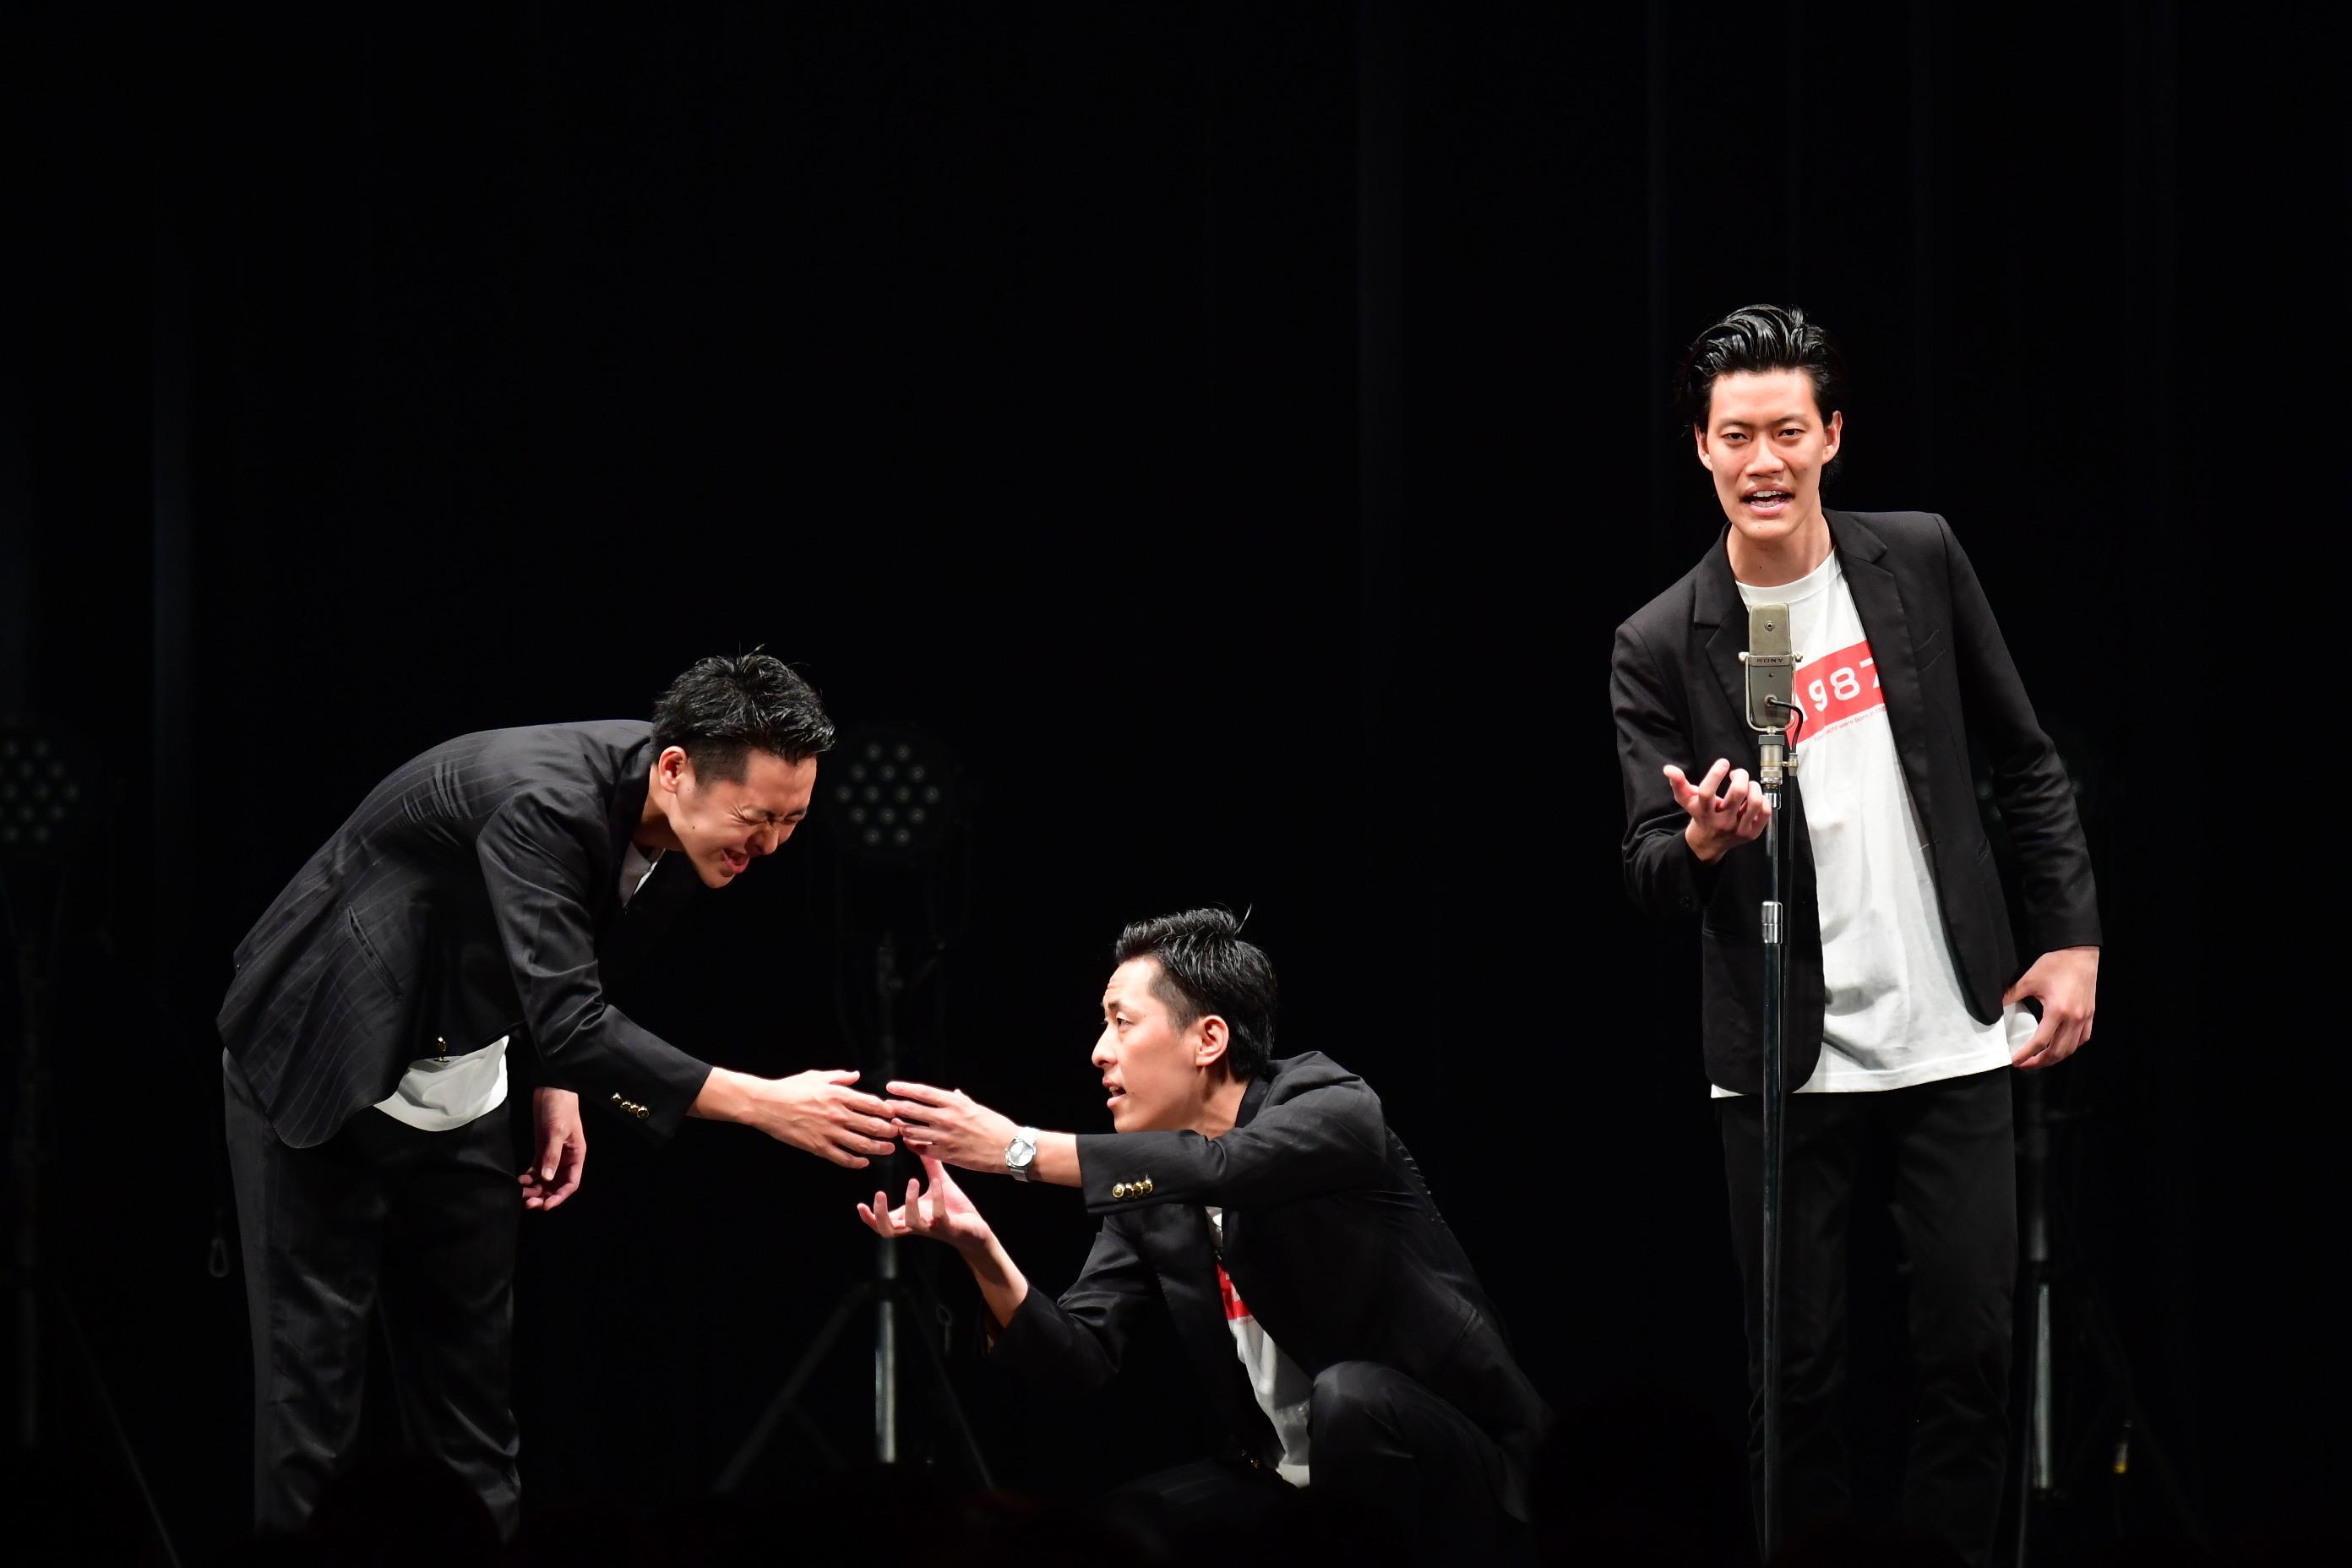 http://news.yoshimoto.co.jp/20180803010756-63b800b1523e743dd990a30985af4297981e2063.jpg